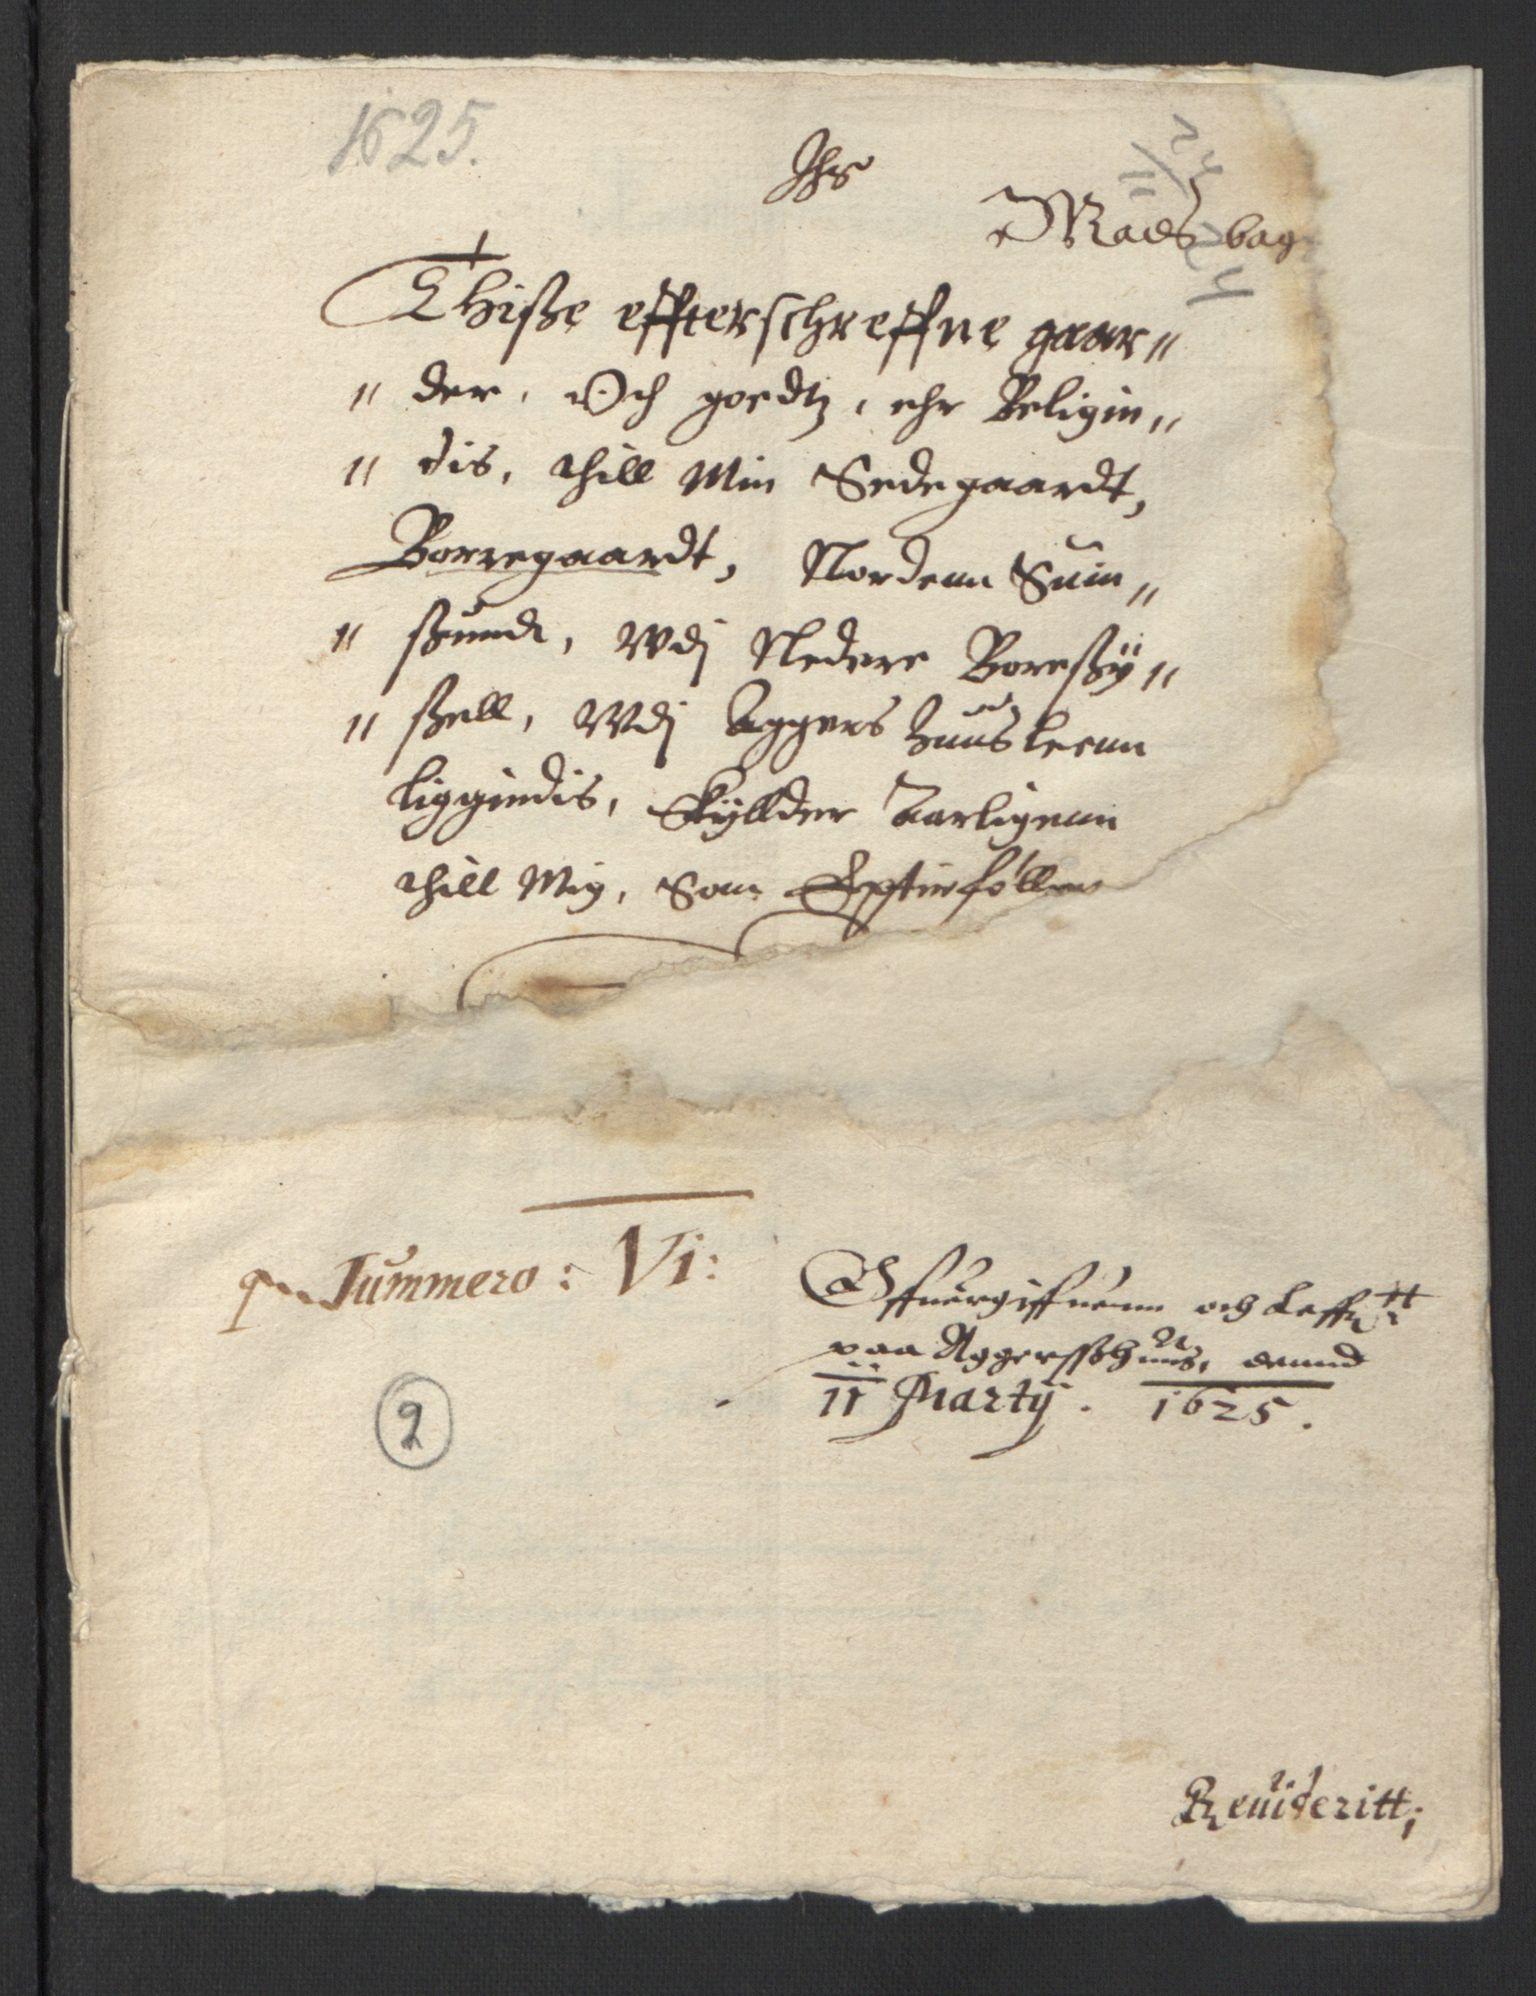 RA, Stattholderembetet 1572-1771, Ek/L0007: Jordebøker til utlikning av rosstjeneste 1624-1626:, 1624-1625, s. 197